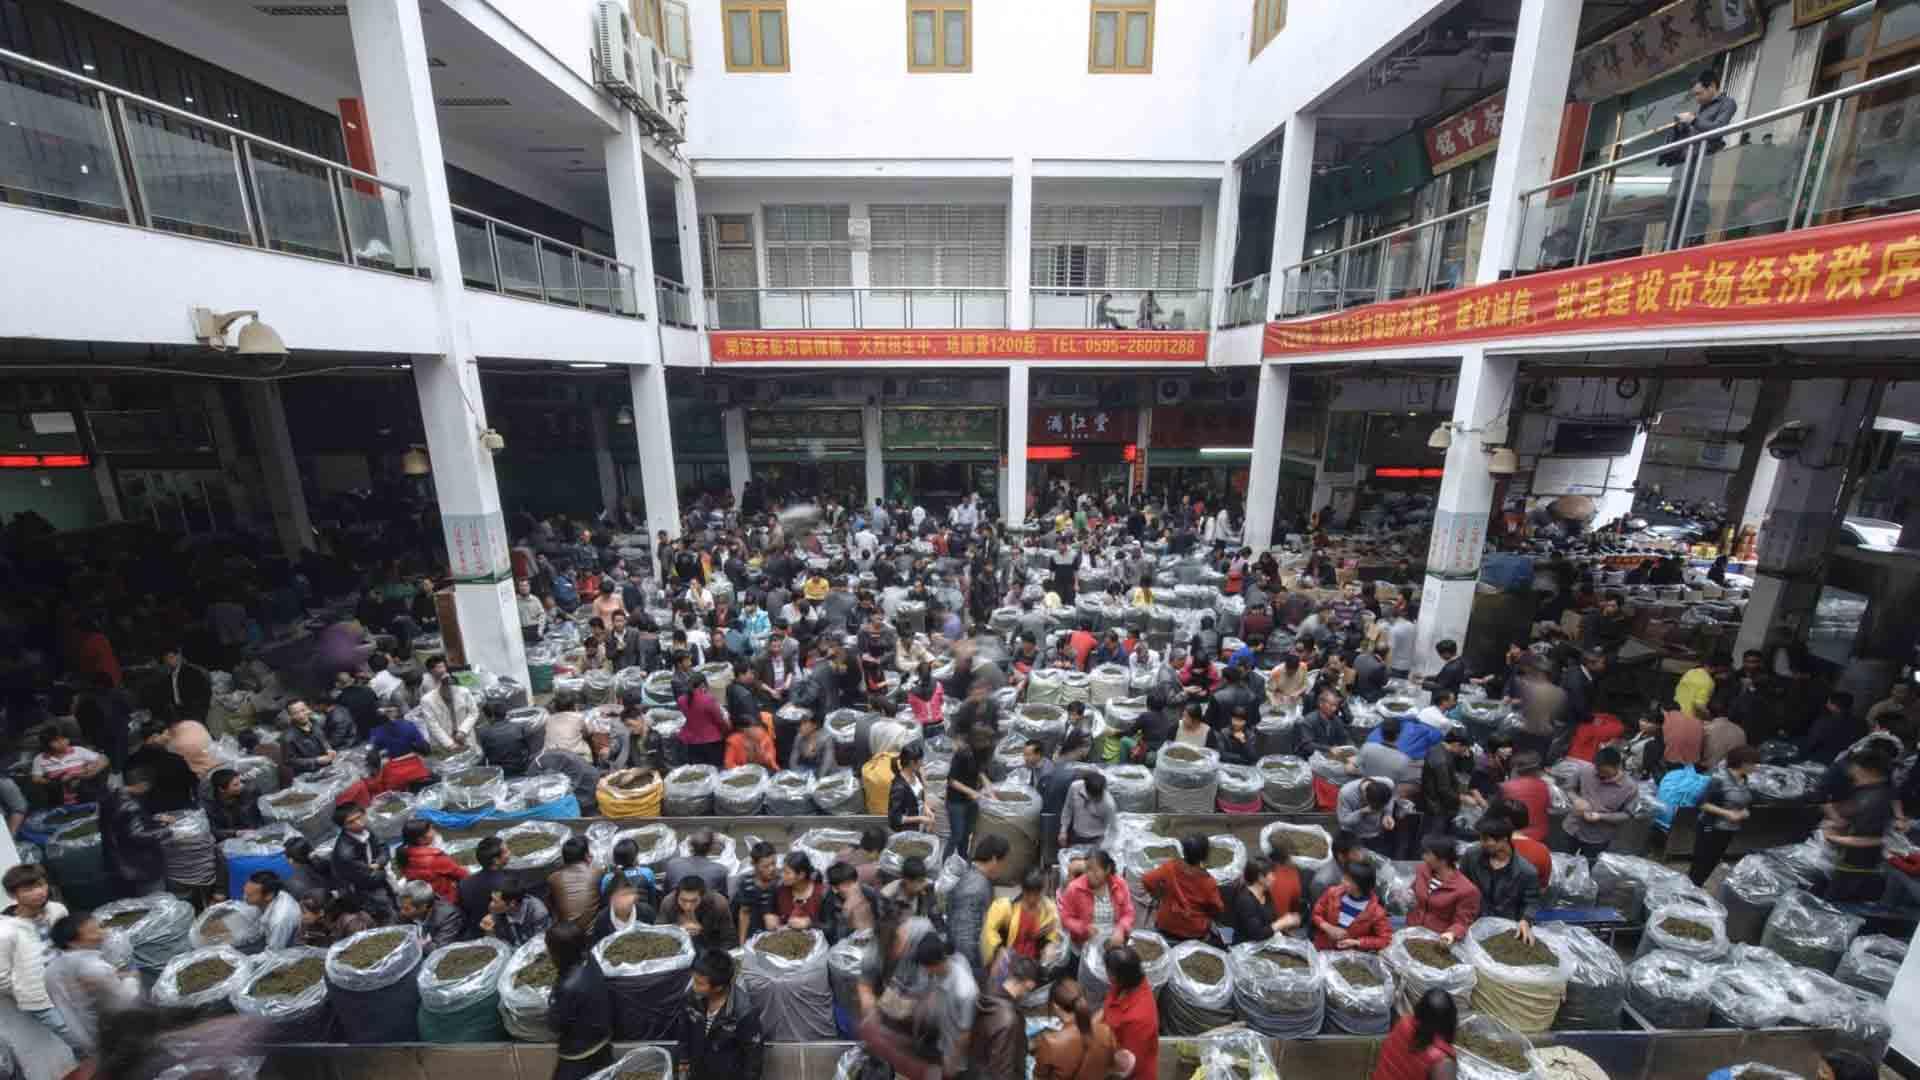 Il mercato d Wuhan in Cina è stato uno dei focolai del coronavirus